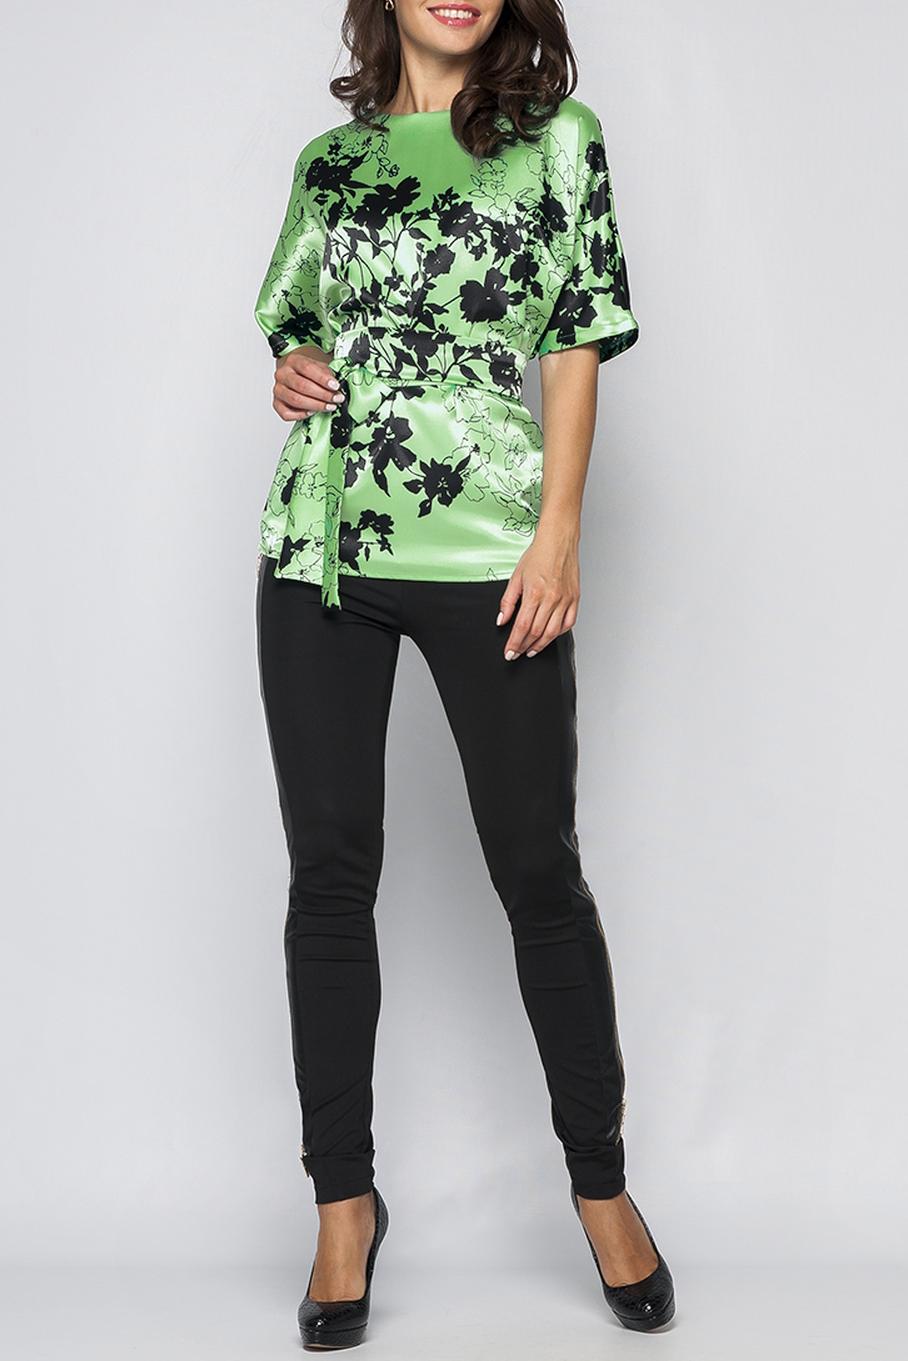 БлузкаБлузки<br>Элегантная женская блуза. Модель полуприлегающего силуэта из легкого атласного материала, имеет неглубокий вырез горловины на внутренней обтачке, свободные рукава длиной до локтя. По среднему шву спинки идут застежки - пуговицы. Такая блузка прекрасно подойдет для повседневных или офисных образов, легкий материал и сводобный крой придадут комфорт, а цветочный принт и пояс на талии сделают Вас более женственной и элегантной. Принт купонный, расположение рисунка может меняться.  Блузка без пояса.  Параметры изделия:  44 размер: обхват груди - 108 см, длина рукава - 31 см, длина изделия - 65 см;  52 размер: обхват груди - 116 см, длина рукава - 32 см, длина изделия - 70 см.   В изделии использованы цвета: зеленый, черный  Рост девушки-фотомодели 170 см.<br><br>Горловина: Лодочка<br>По материалу: Атлас,Тканевые<br>По рисунку: Растительные мотивы,С принтом,Цветные,Цветочные<br>По сезону: Весна,Зима,Лето,Осень,Всесезон<br>По силуэту: Полуприталенные<br>По стилю: Повседневный стиль<br>Рукав: До локтя<br>Размер : 42,44,52<br>Материал: Атлас<br>Количество в наличии: 3